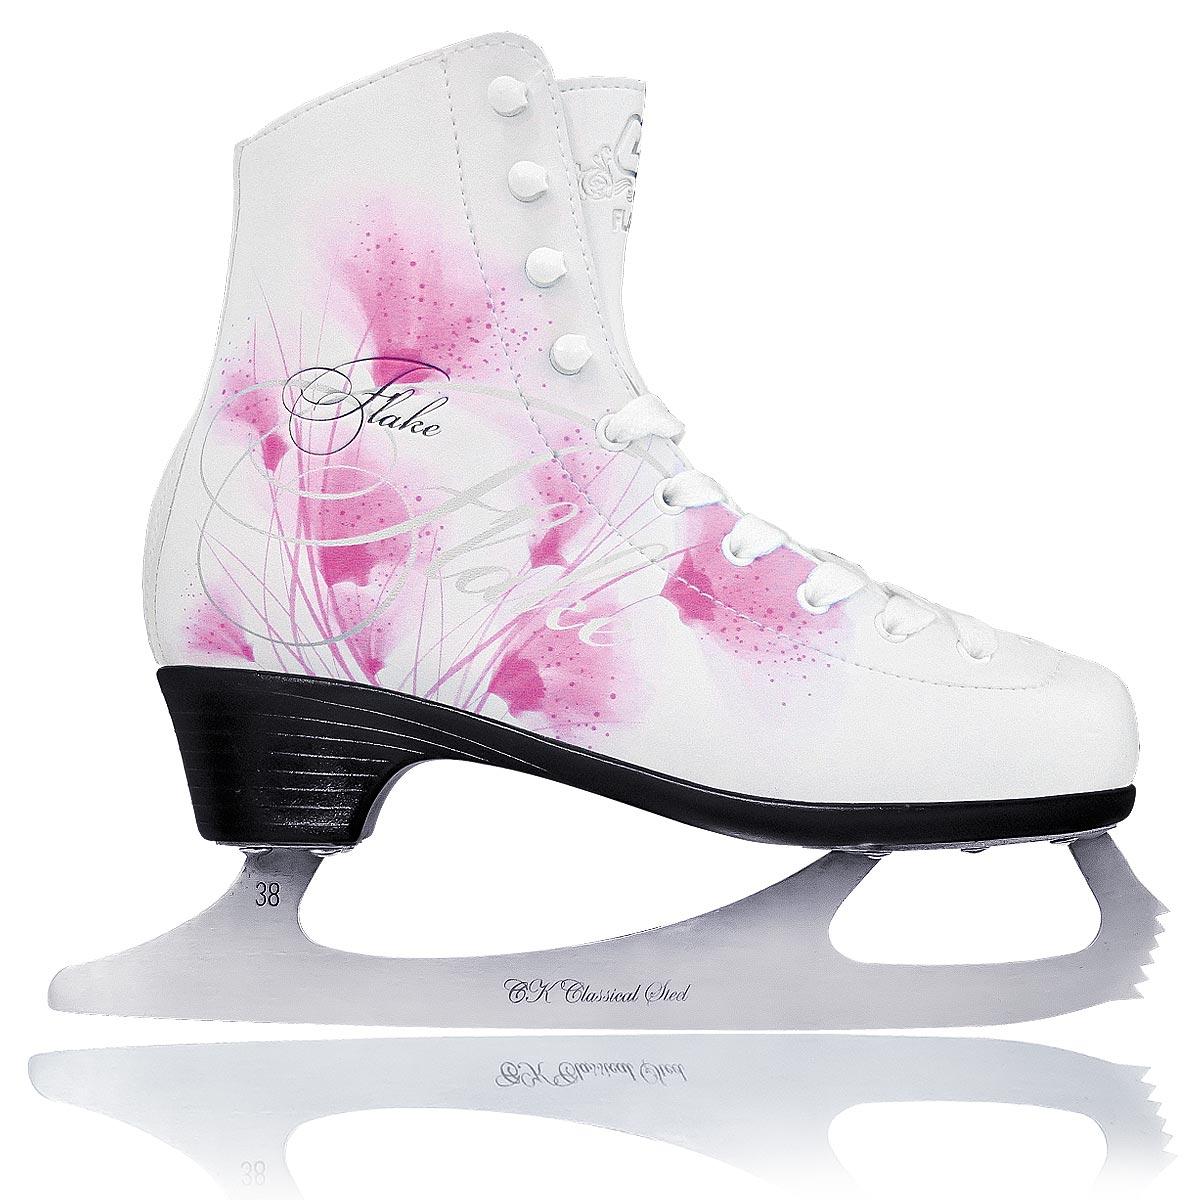 Коньки фигурные для девочки CK Flake Leather, цвет: белый, фуксия. Размер 35